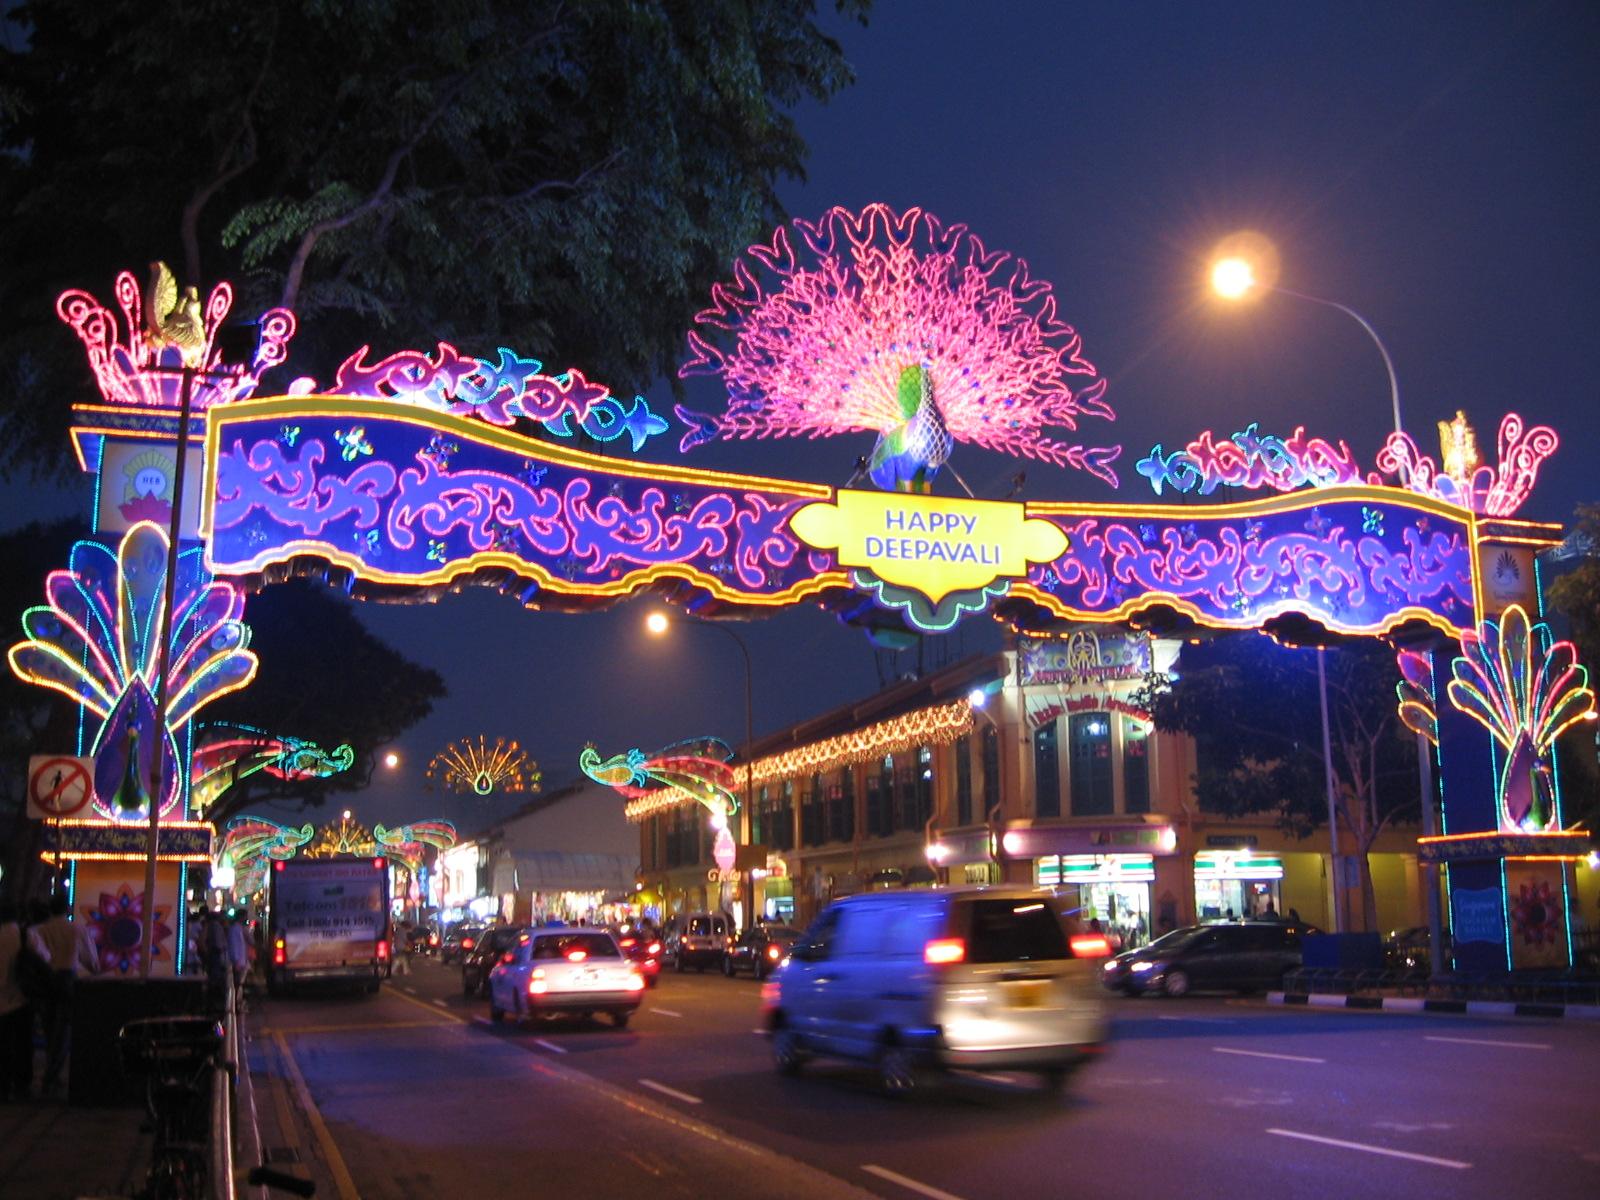 Fiesta de Diwali, Wikimedia Commons